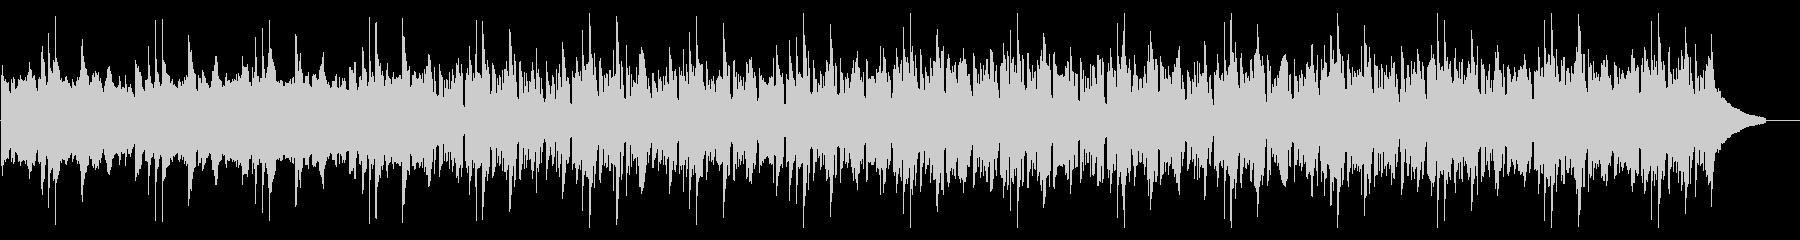 爽やかなシンセとピアノの説明向けBGMの未再生の波形